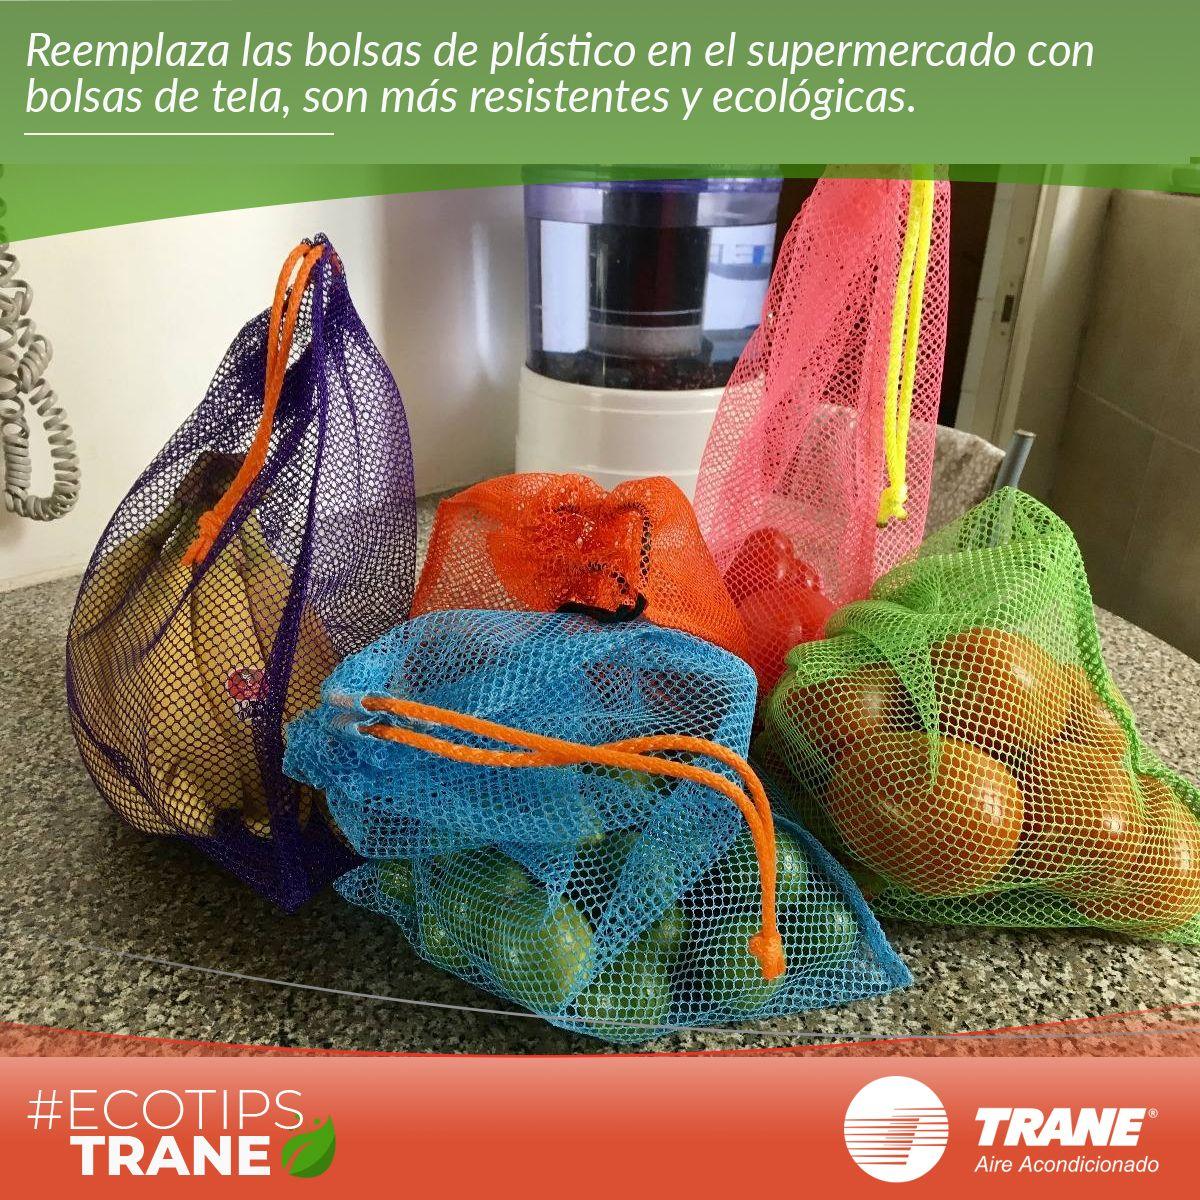 Te Recomendamos Usar Bolsas De Tela Para Tus Frutas Y Verduras En